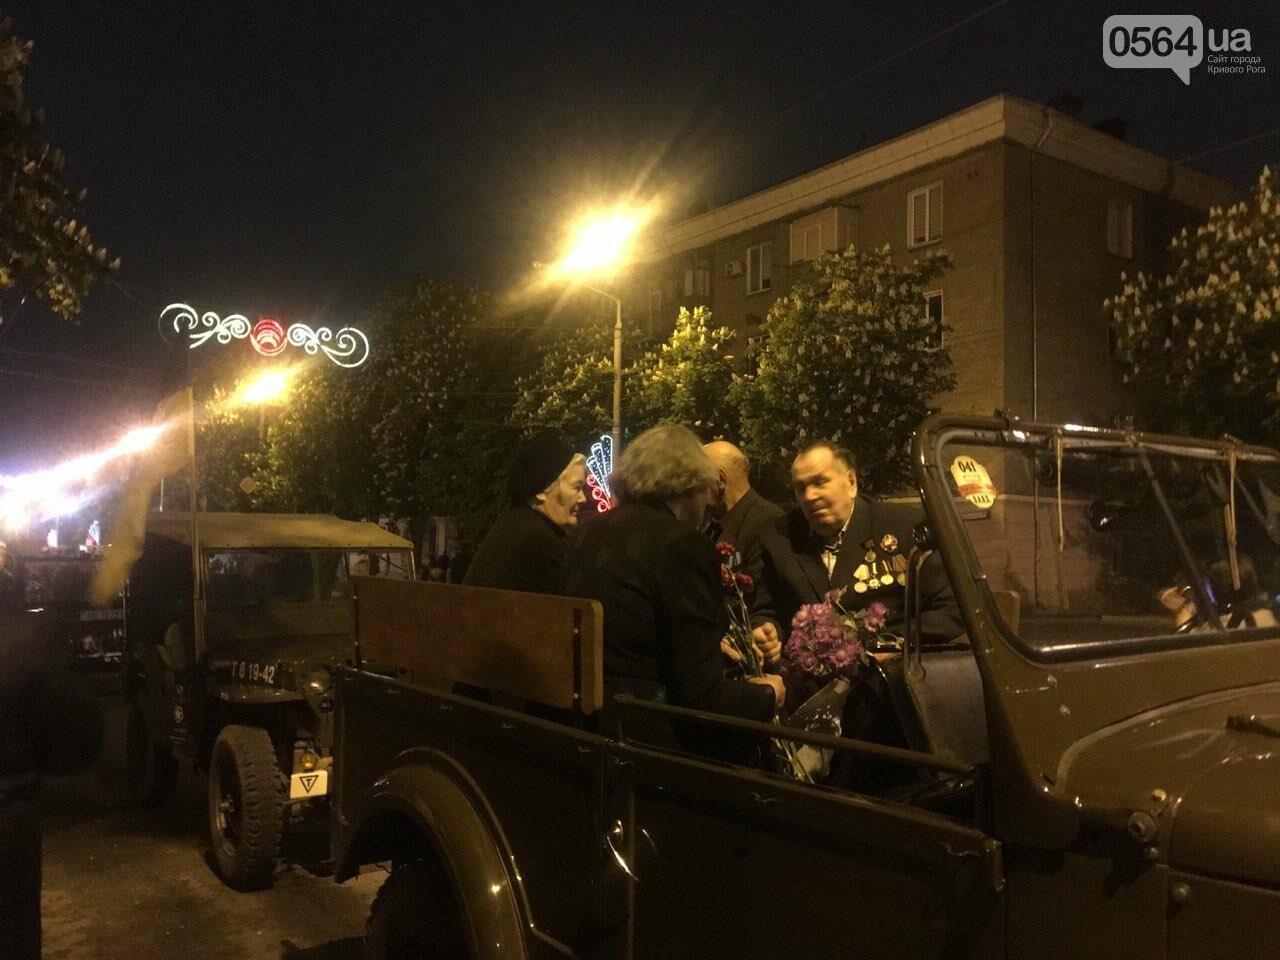 В Кривом Роге затемно начали отмечать День победы над нацизмом во Второй мировой войне, - ФОТО, ВИДЕО, фото-26